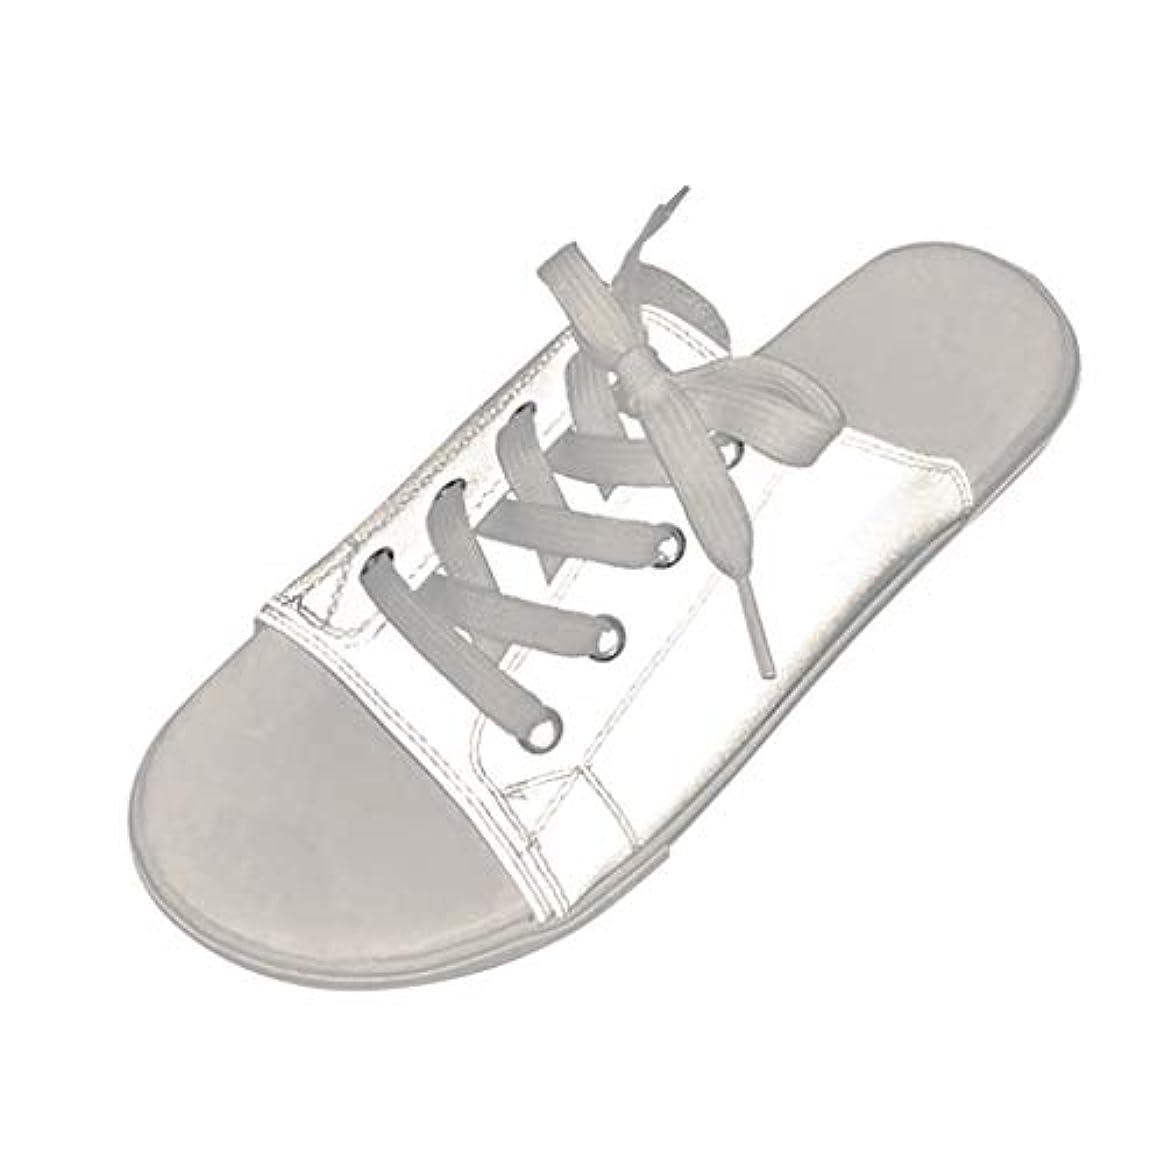 瞬時にディンカルビル拘束カップルは靴を照らす スリッパシューズ サンダル フラットビーチシューズ 魚の口の靴 輝くサンダル フラットスリッパ レースアップビーチサンダル